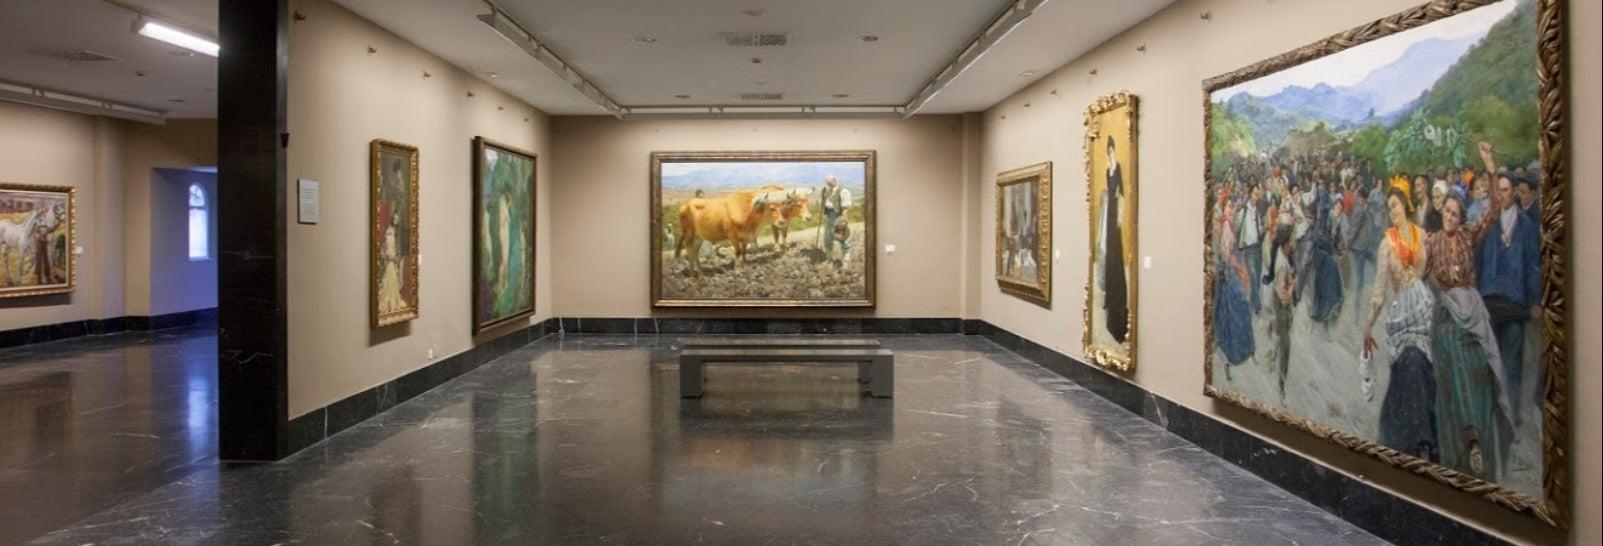 Visita guiada por el Museo de Bellas Artes de Álava